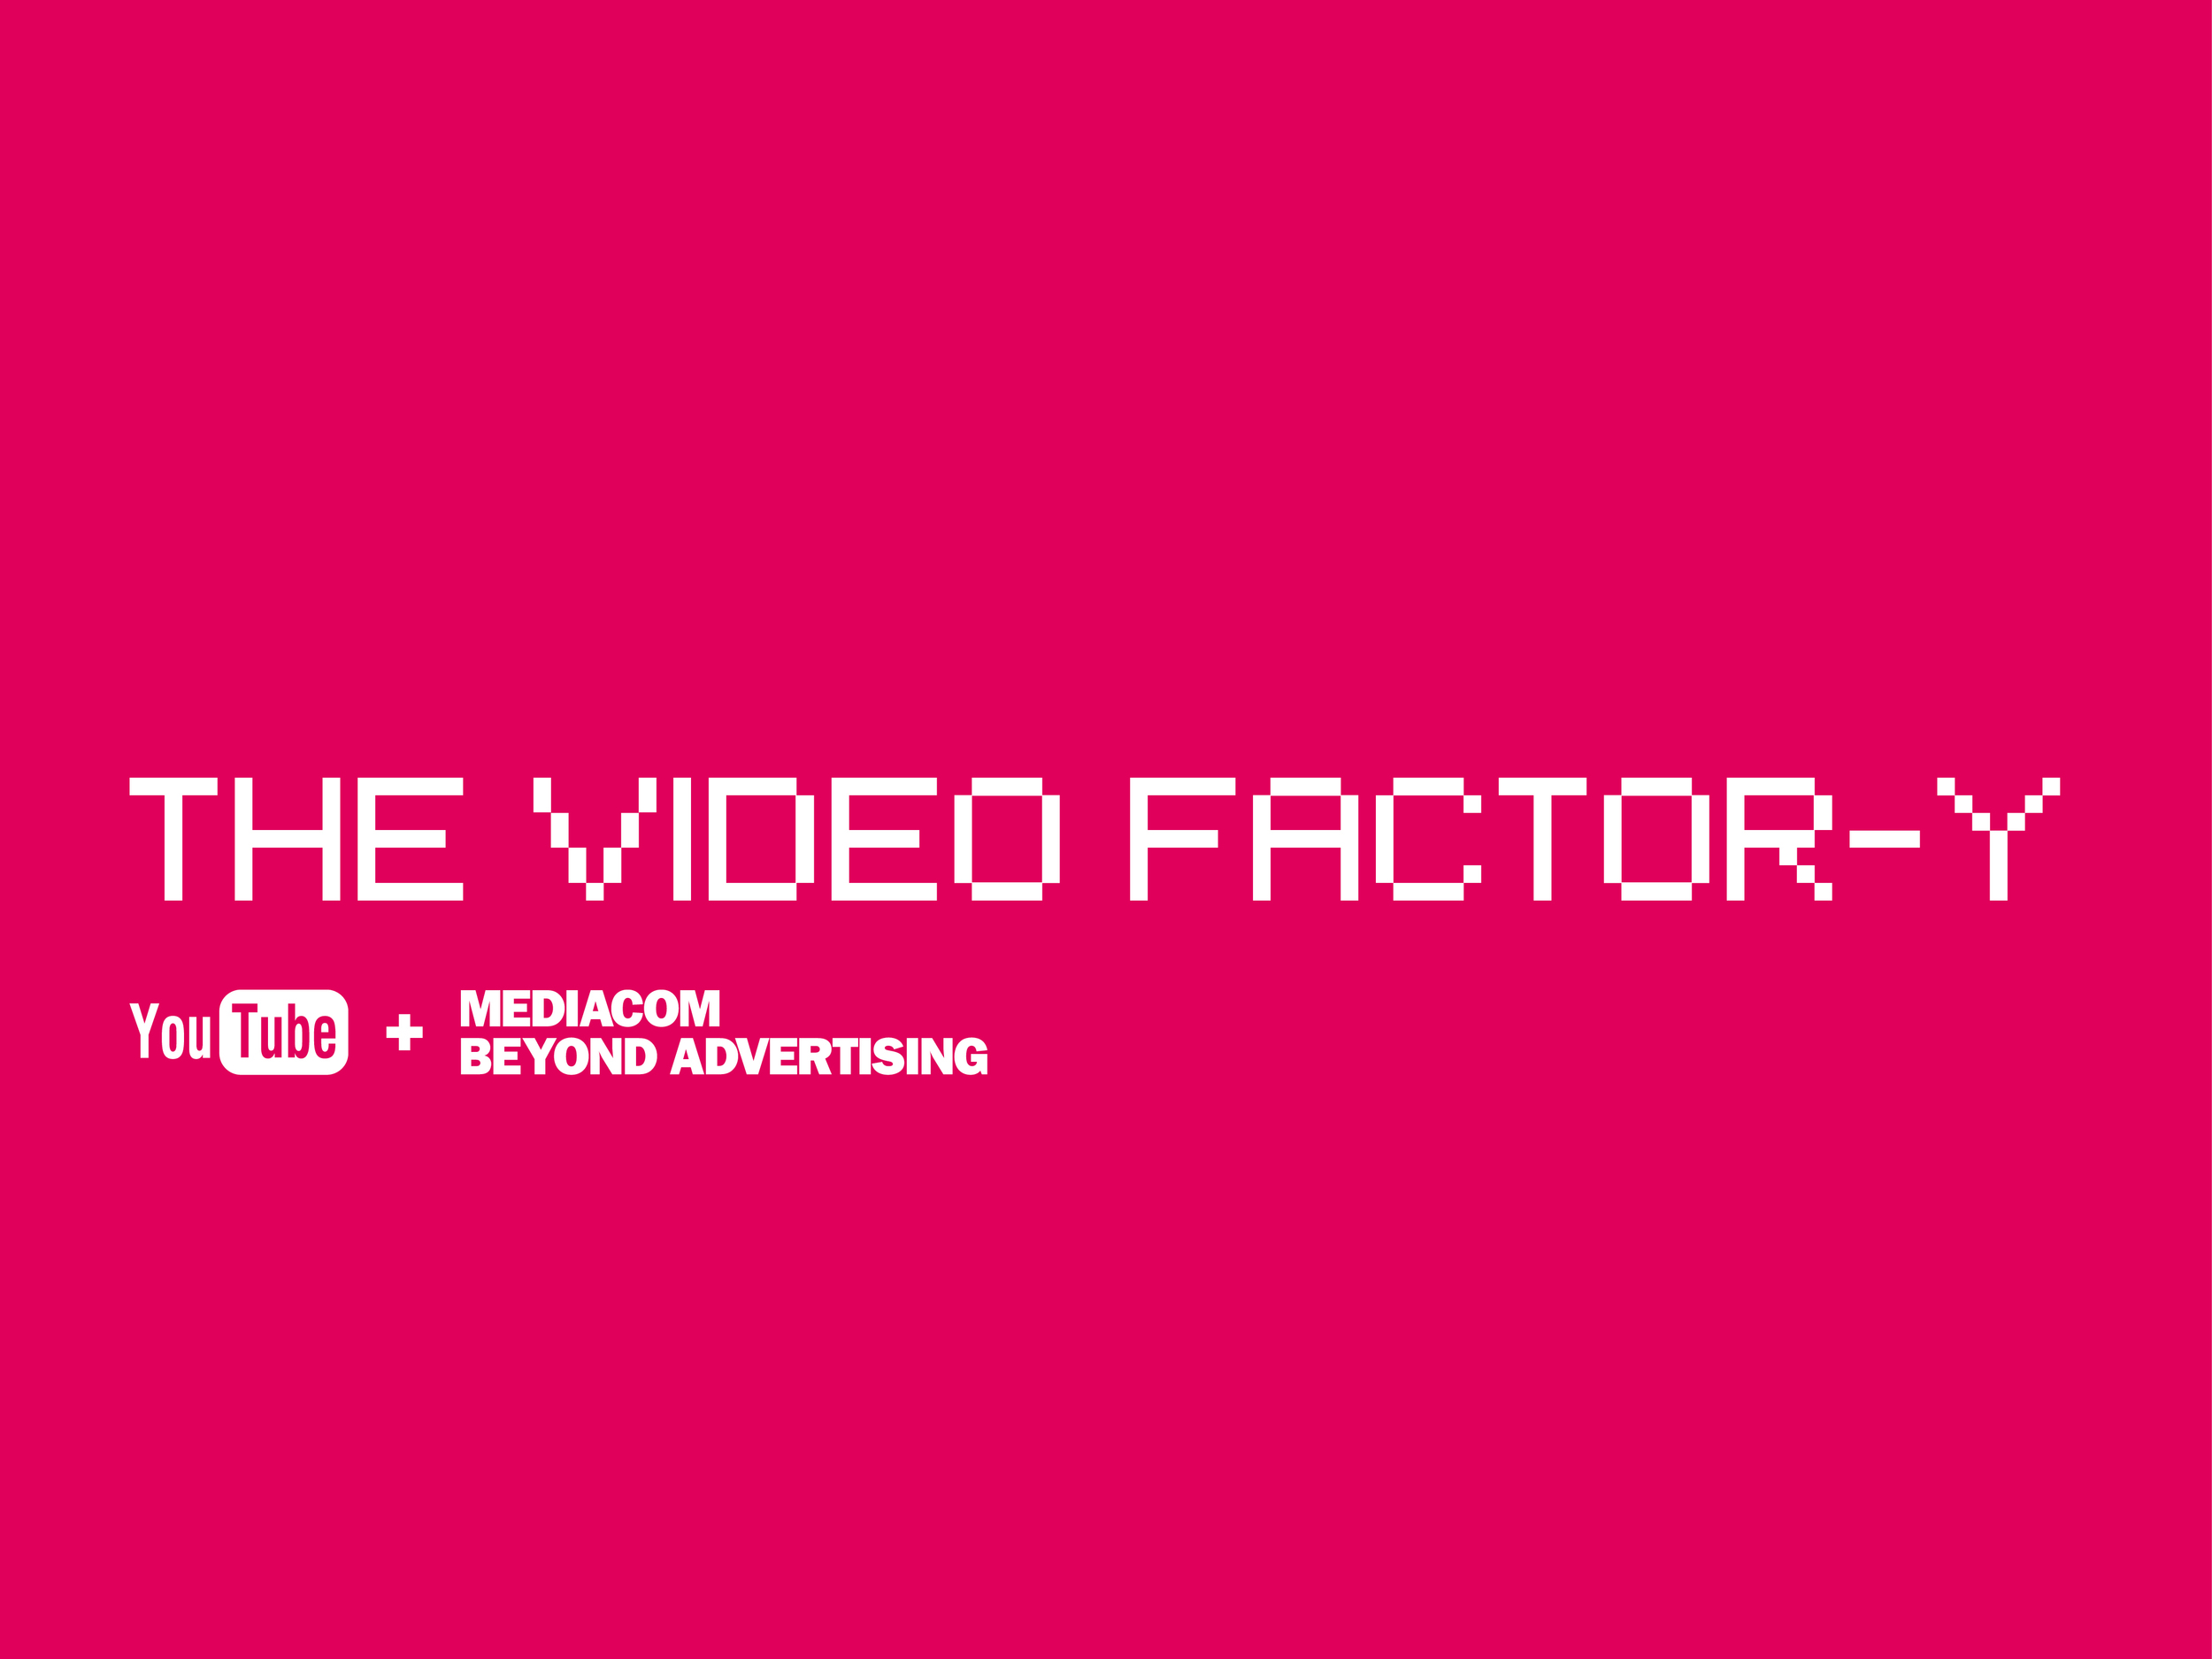 MBA-YouTube-Brochure-1024x768.jpg